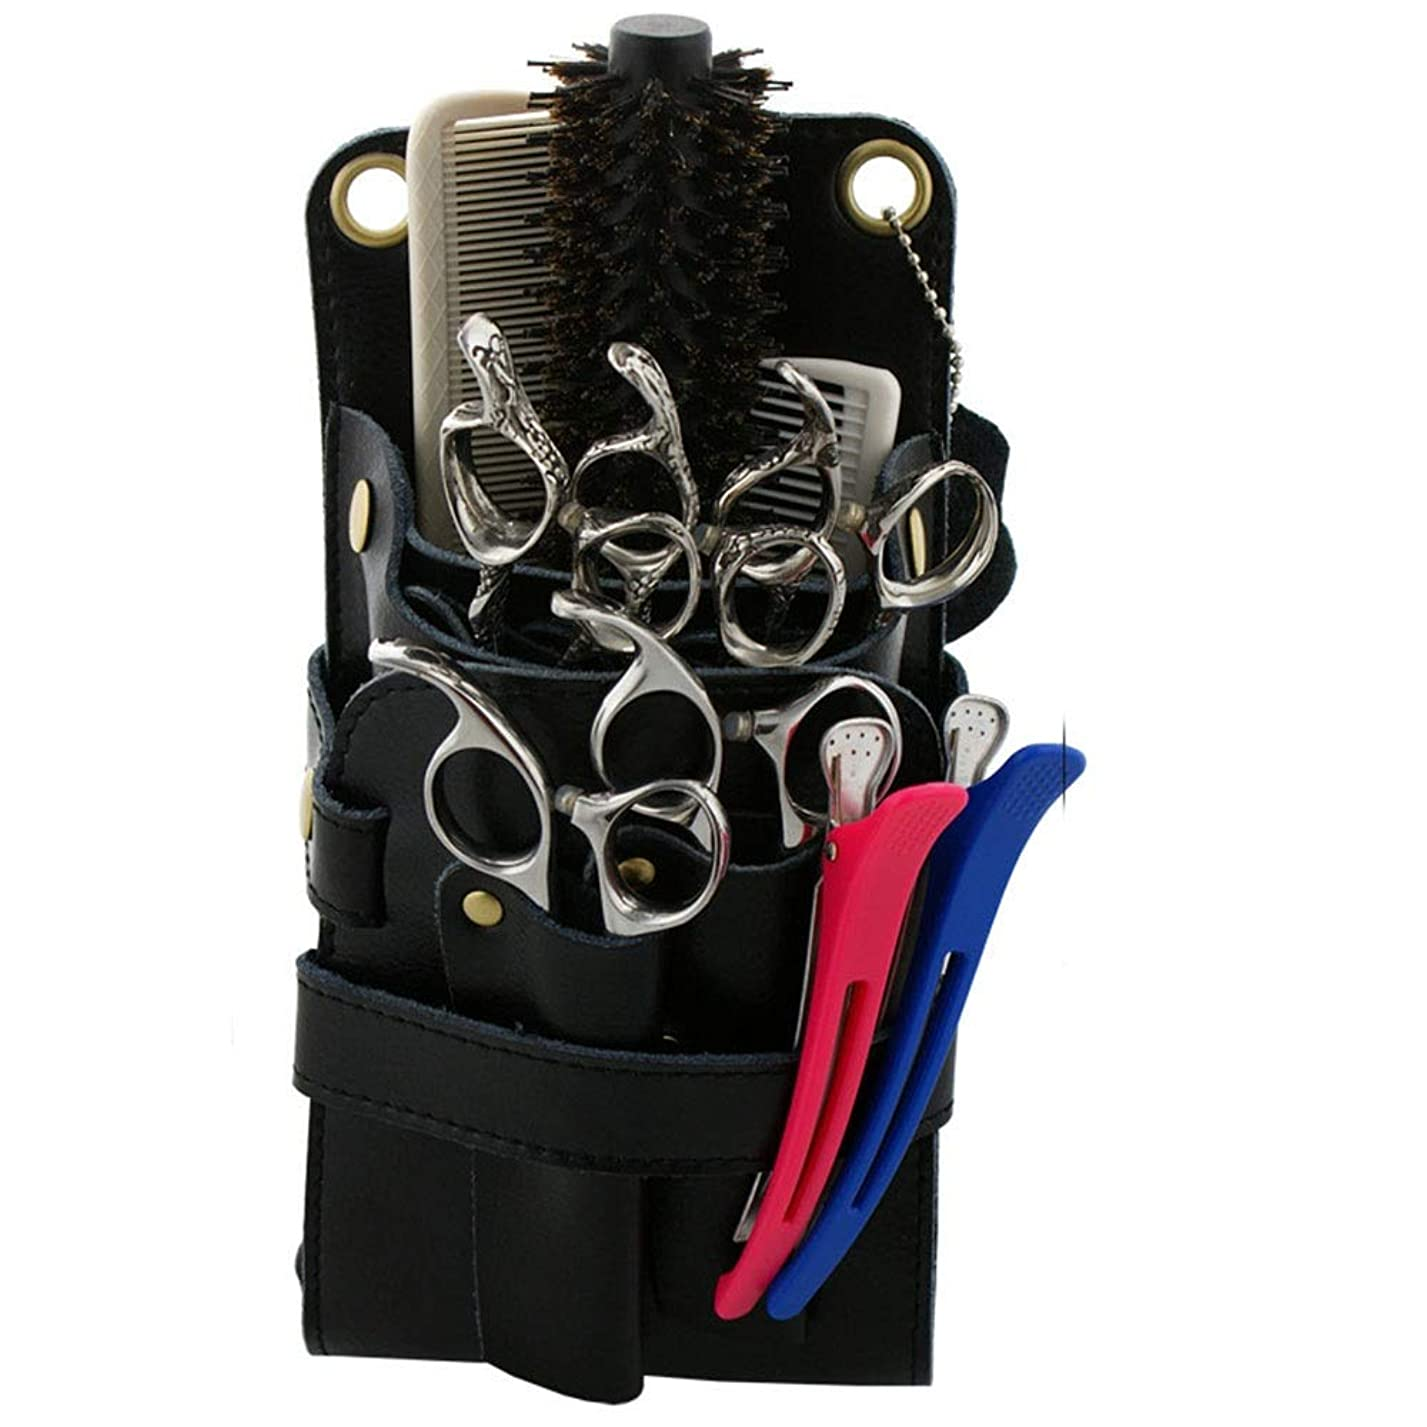 膨張するかりて入場Xingfuzhijia 多機能ヘアスタイリストホルスターポーチ、自分革理髪はさみ&コーム理髪ベルトポーチ (色 : 黒)